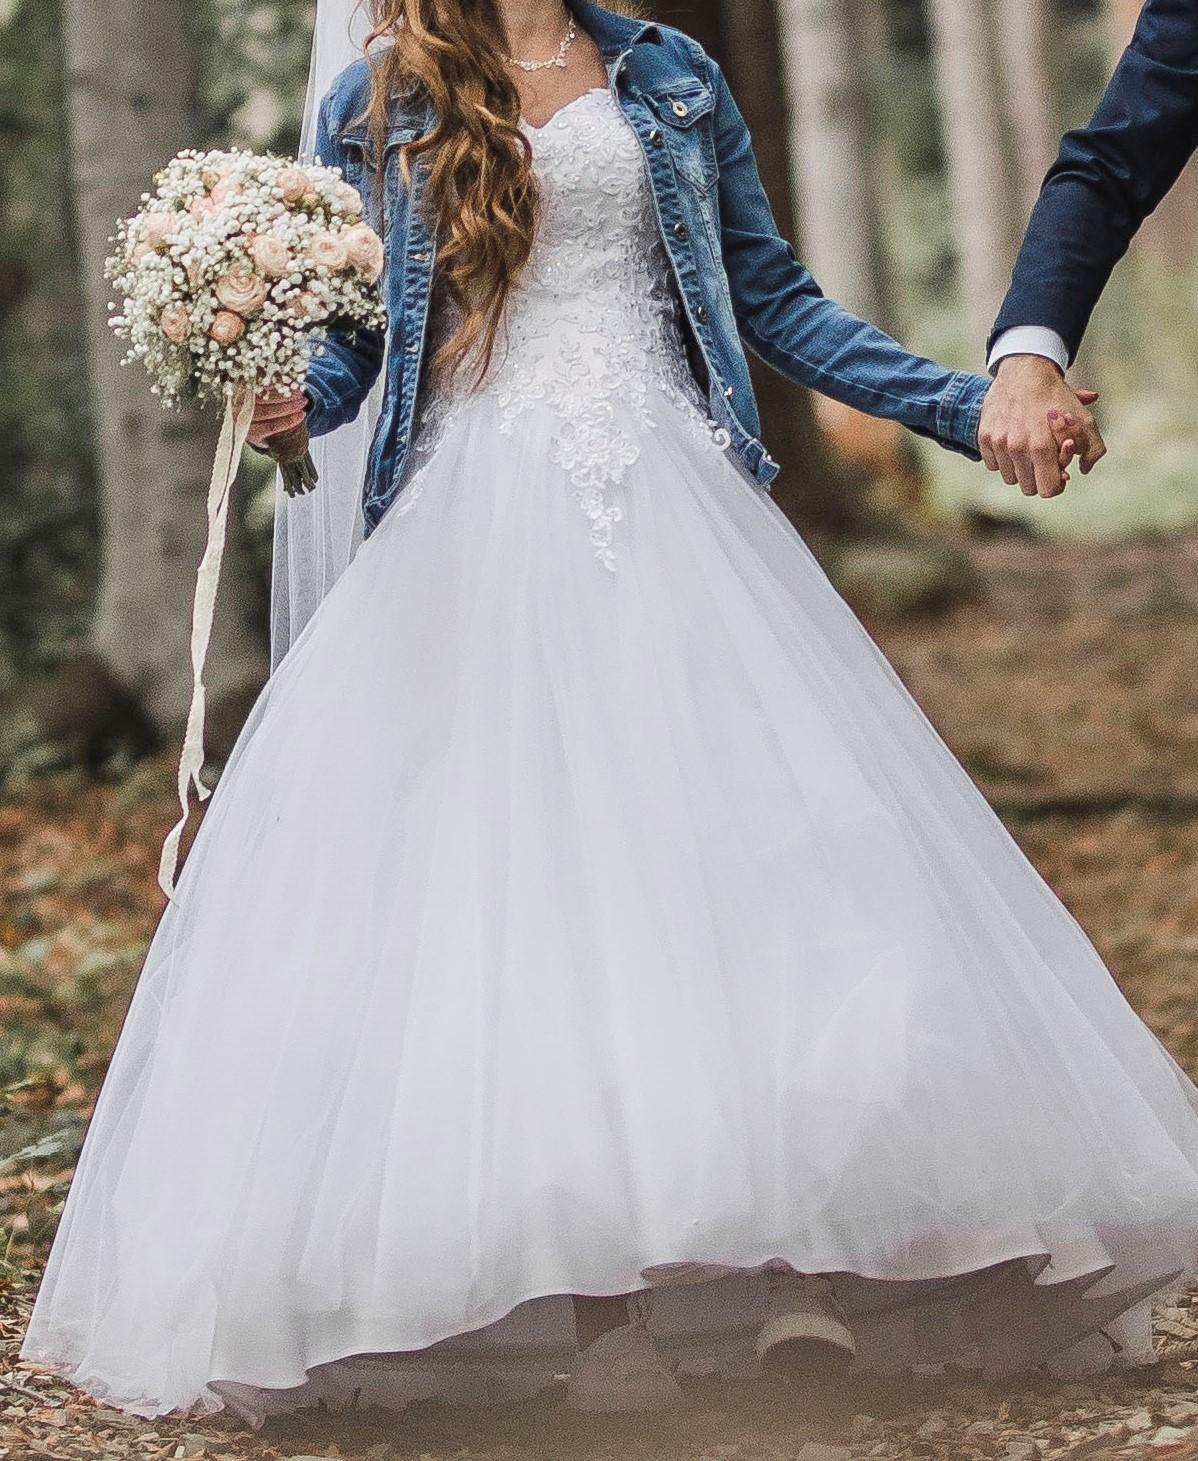 Svatební šaty (vhodné i pro těhotné) - Obrázek č. 1